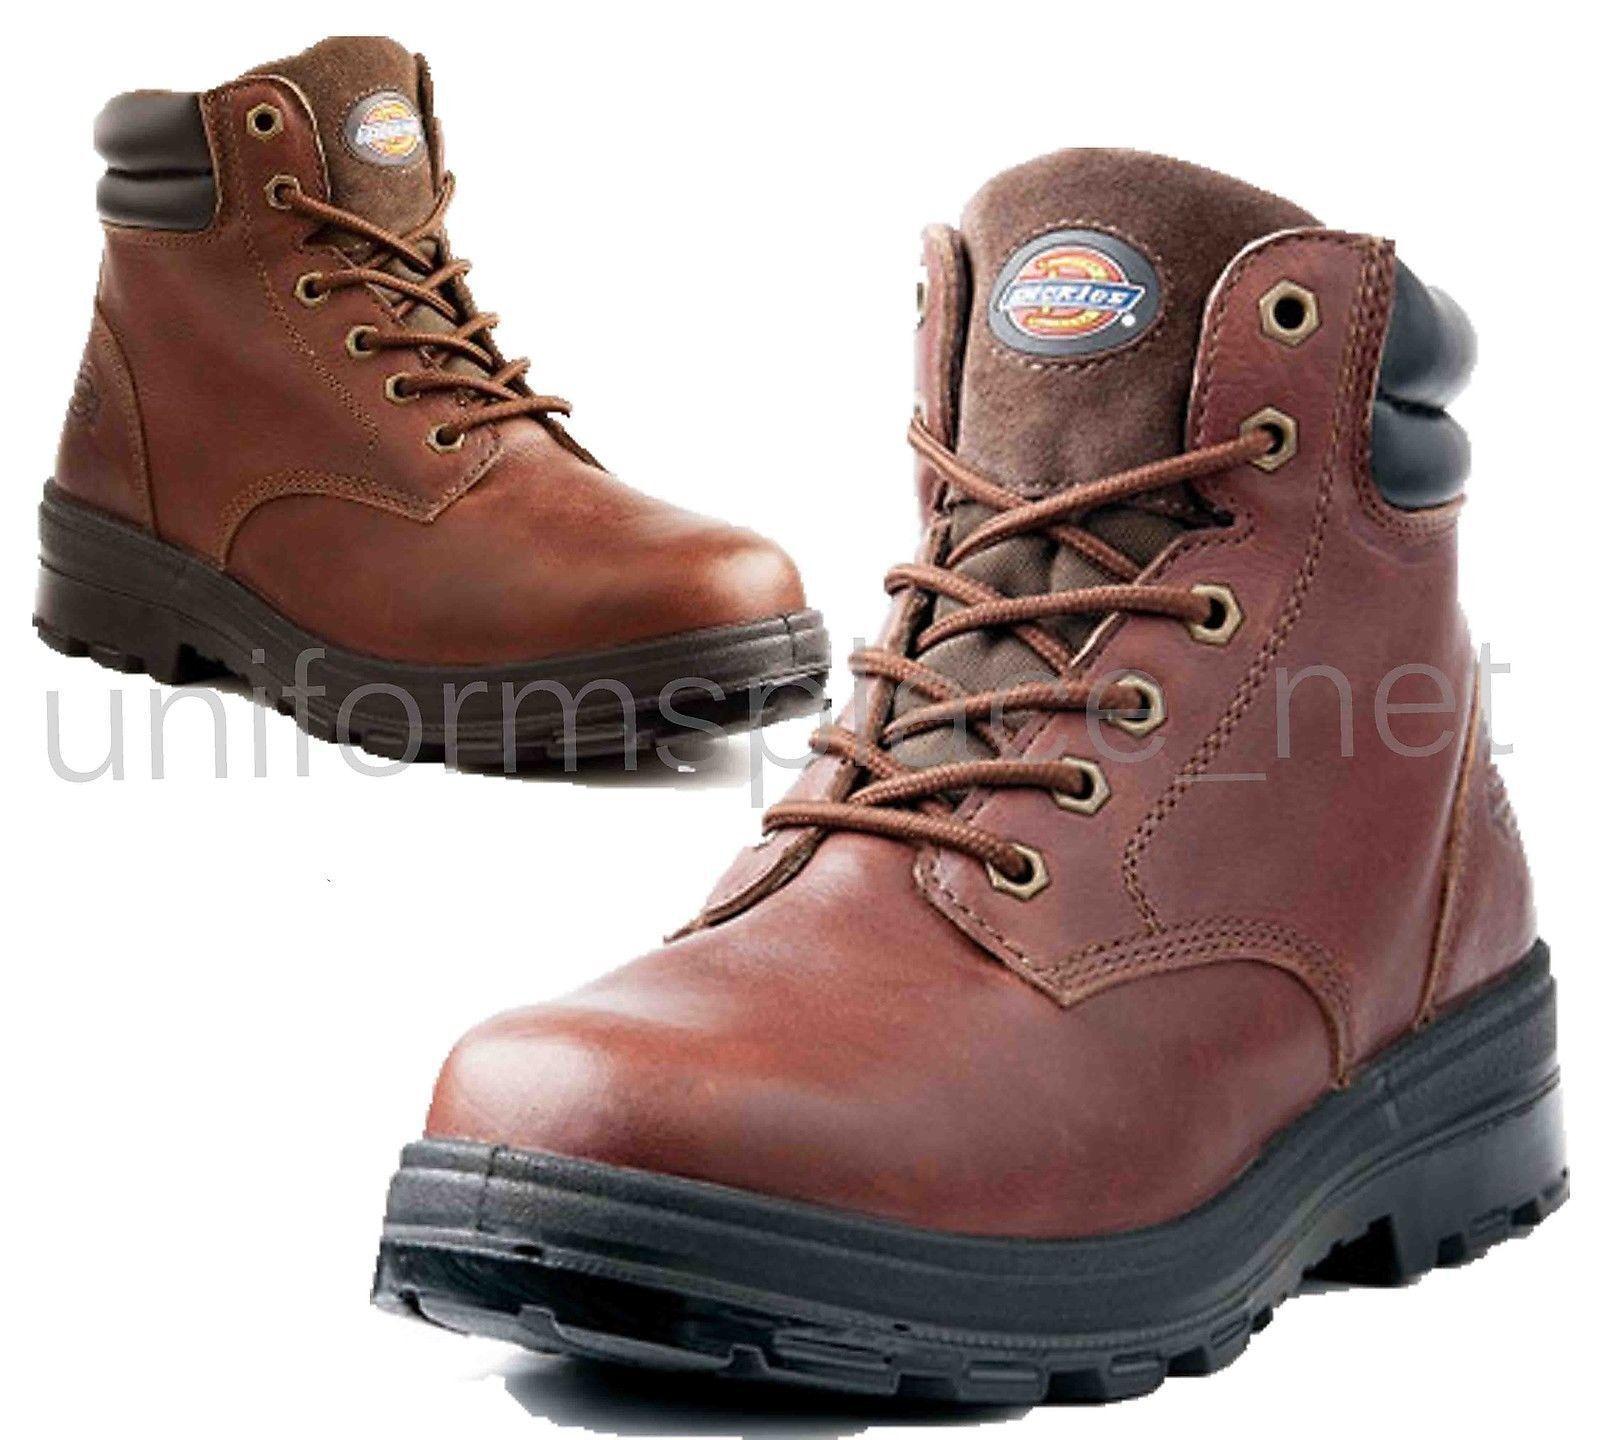 Dickies Toe Work Stivali Uomo Challenger Steel Toe Dickies EH Ox Blood oil resistant DW7522 09ec3a